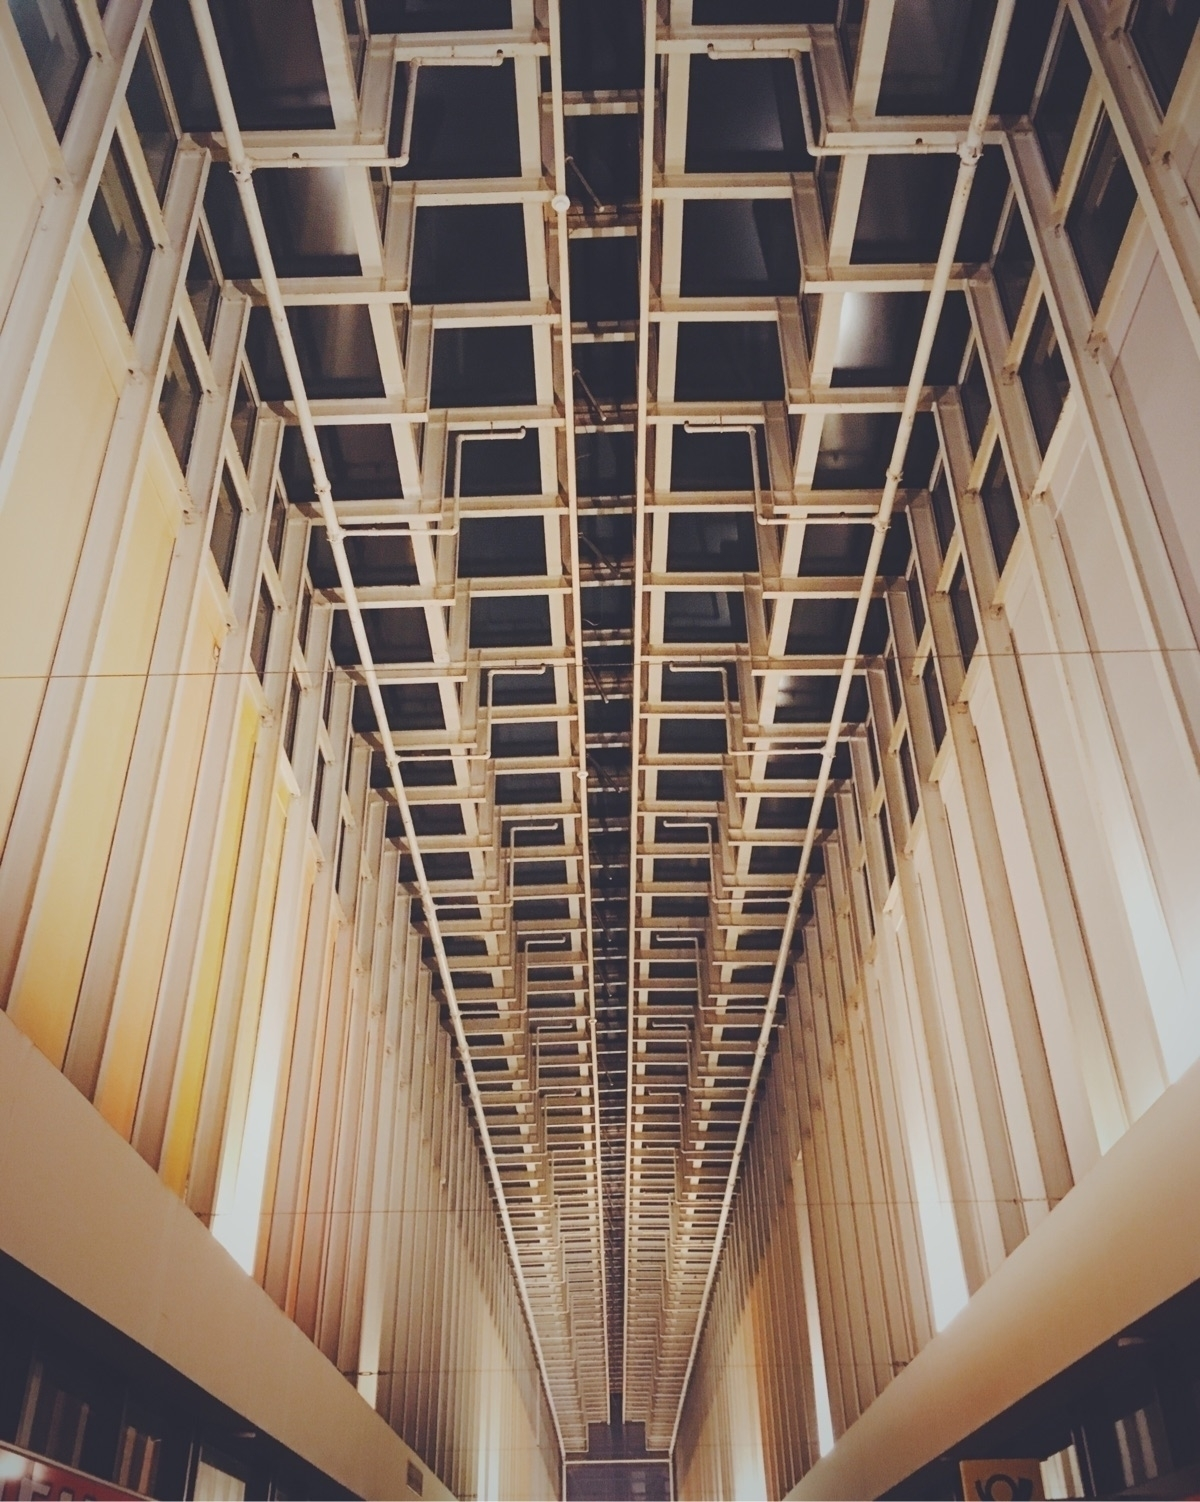 Berlin brutalism mallsofberlin  - gregosphere | ello